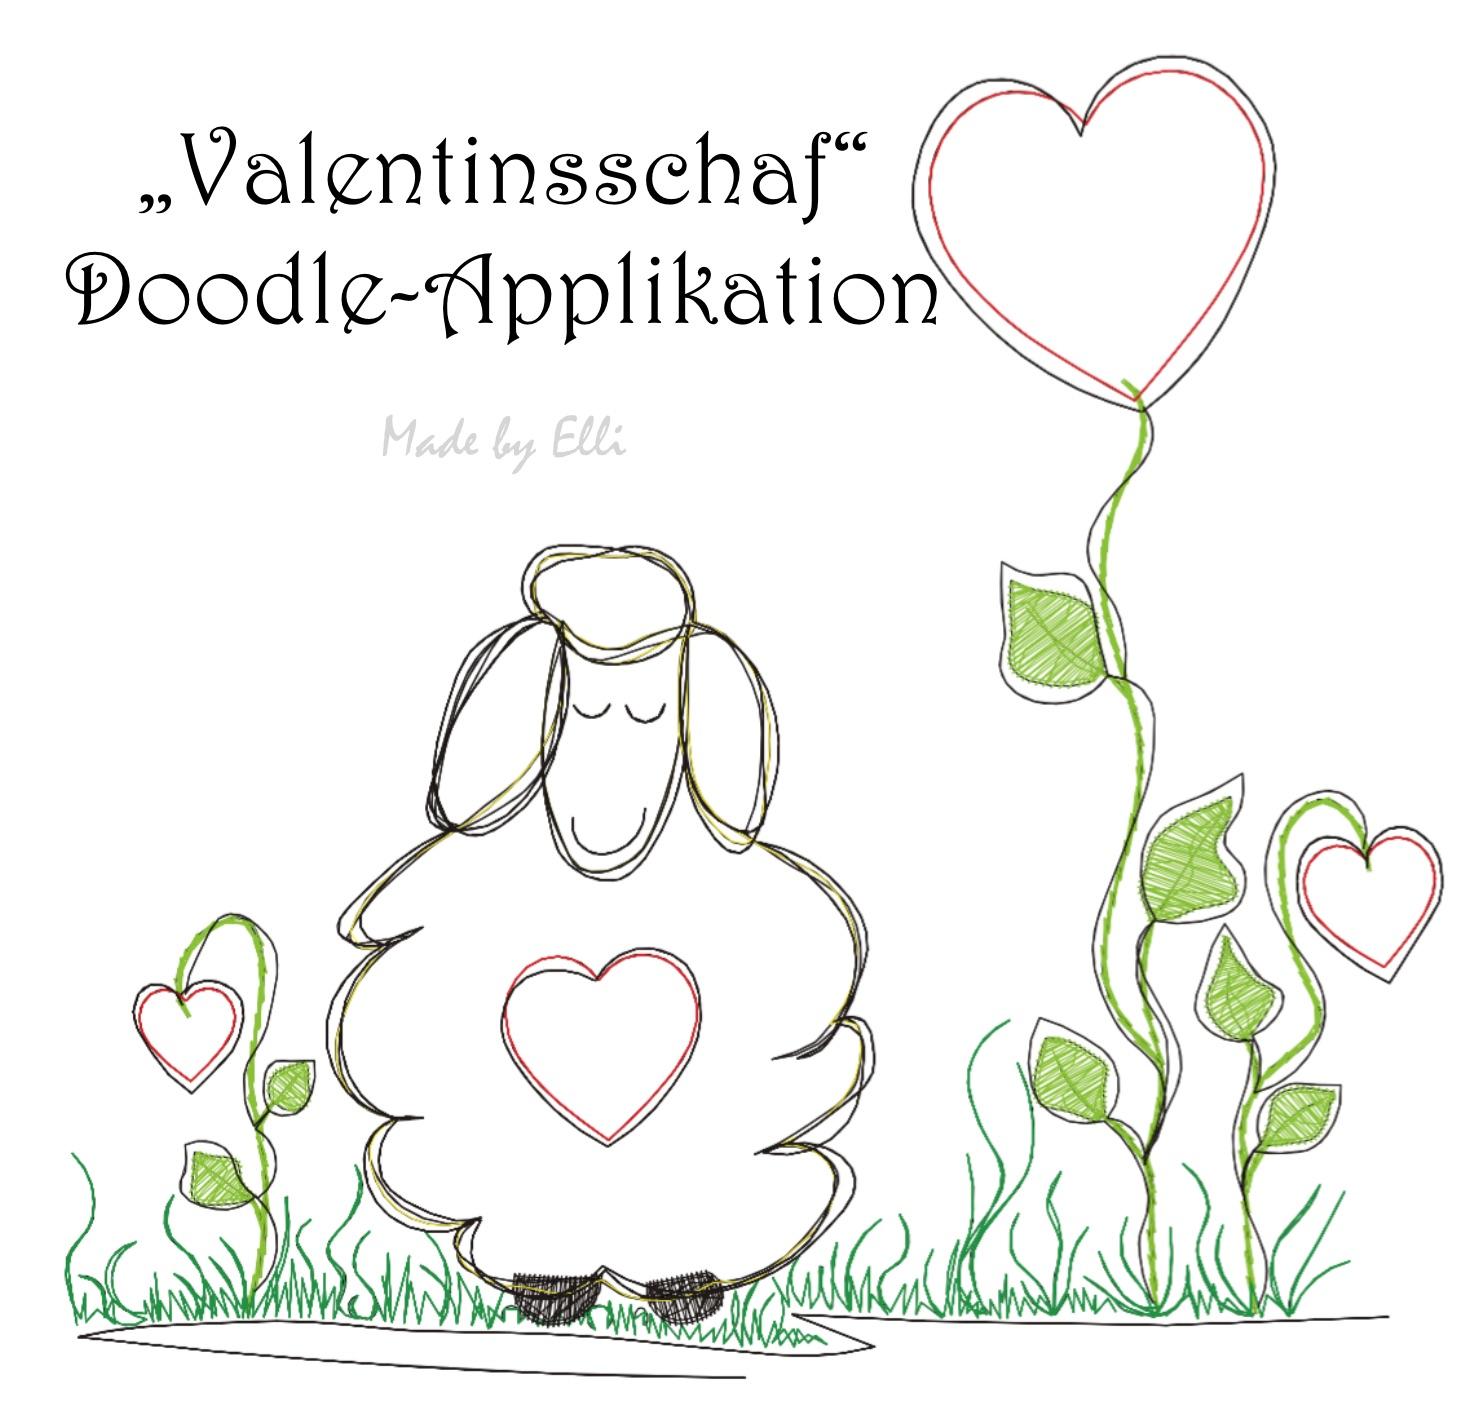 Valentinsschaf - Doodle Applikation